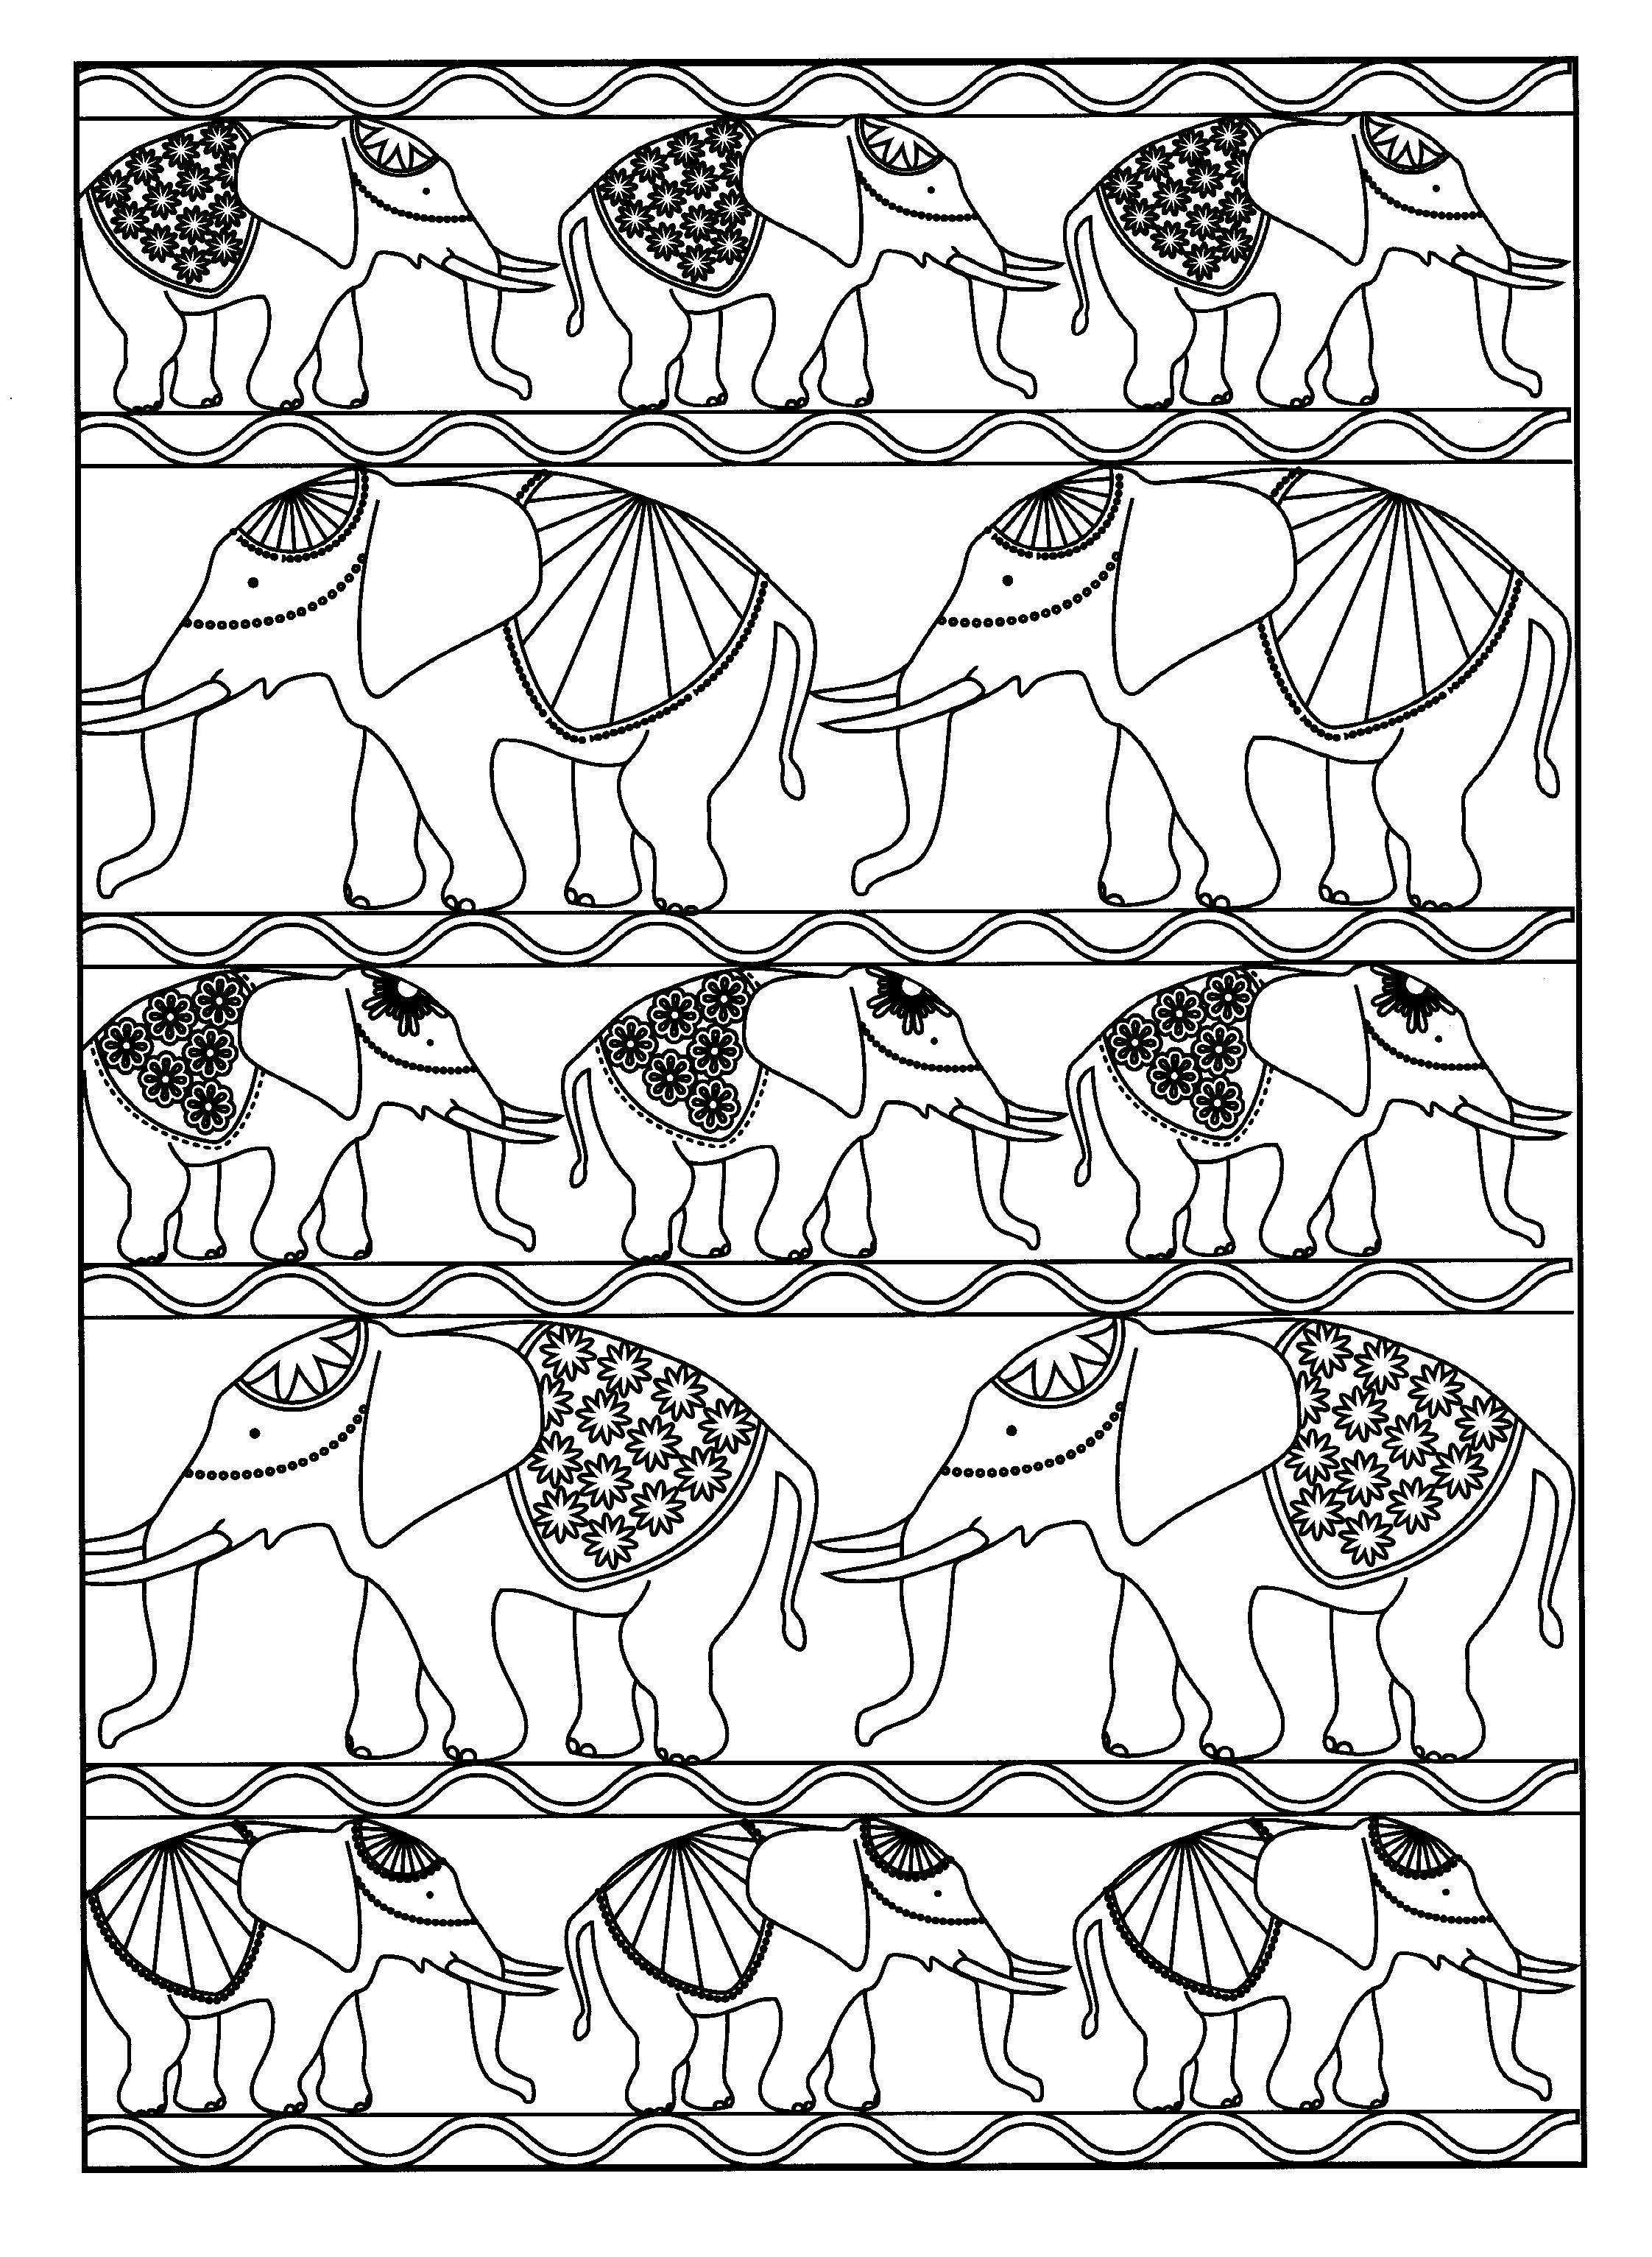 Elephants to color